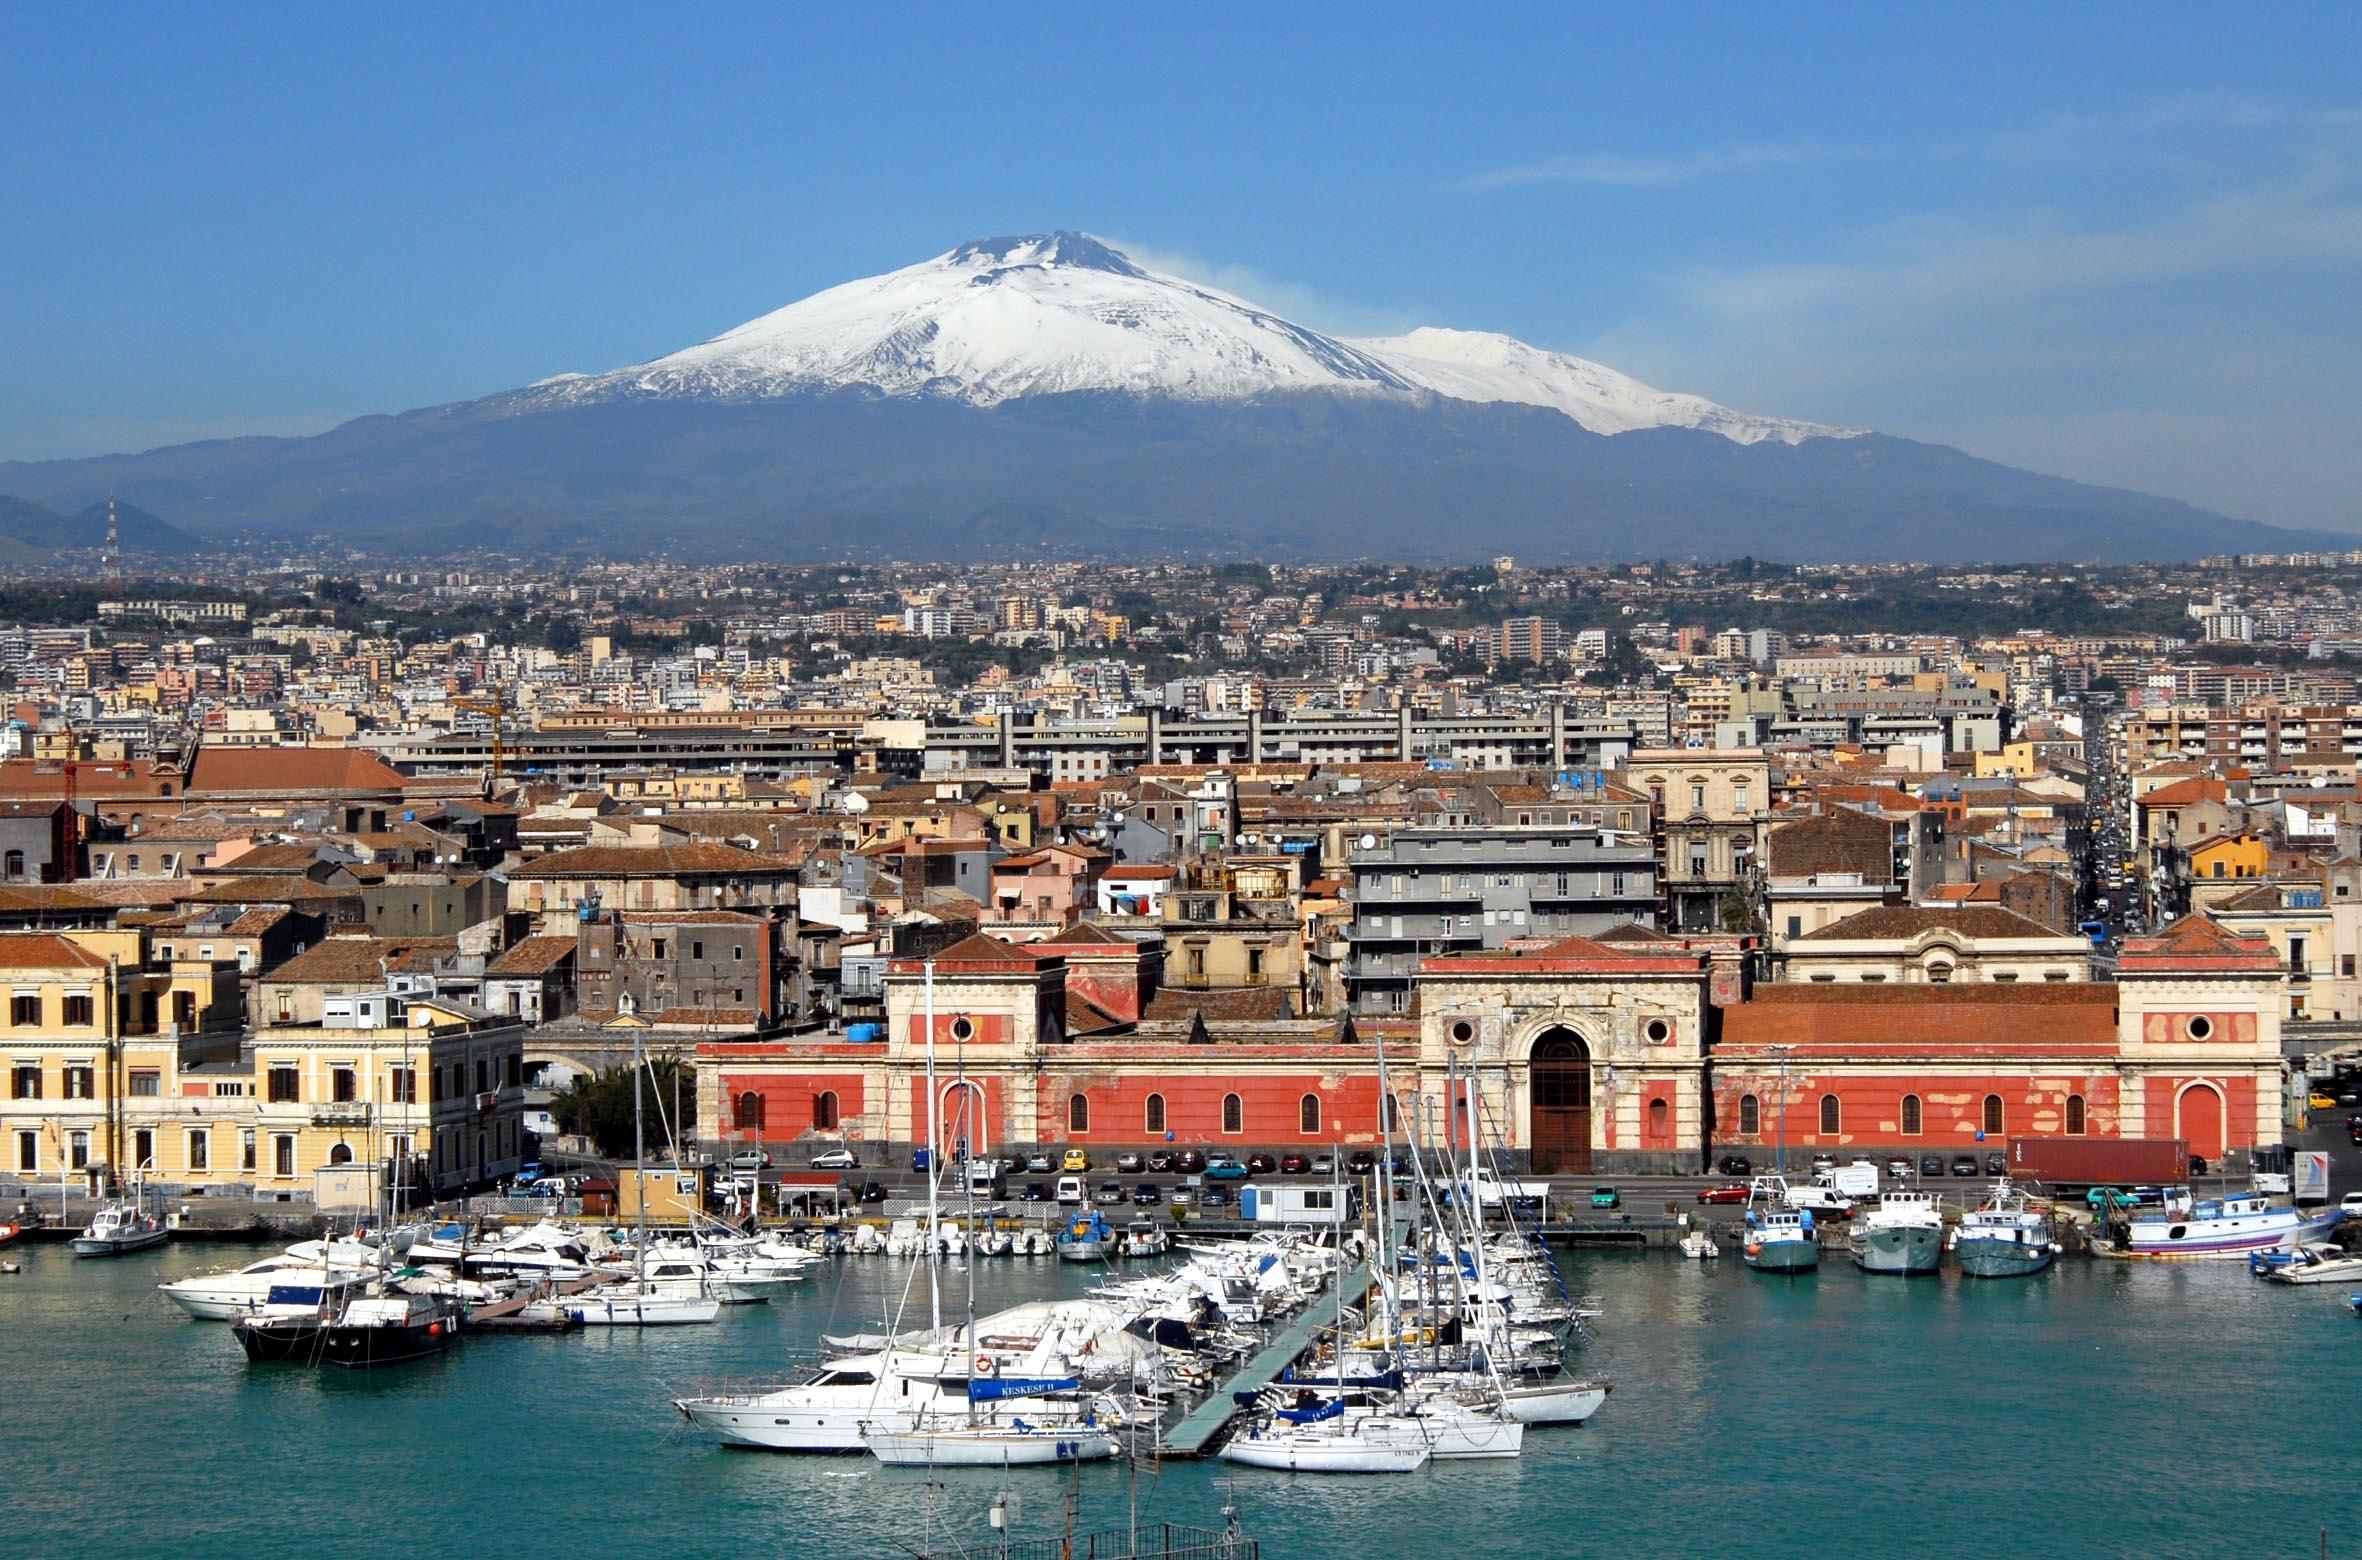 Lavoro Ingegnere Edile Architetto Catania sicurezza, legalità e sviluppo. convegno a catania con gli